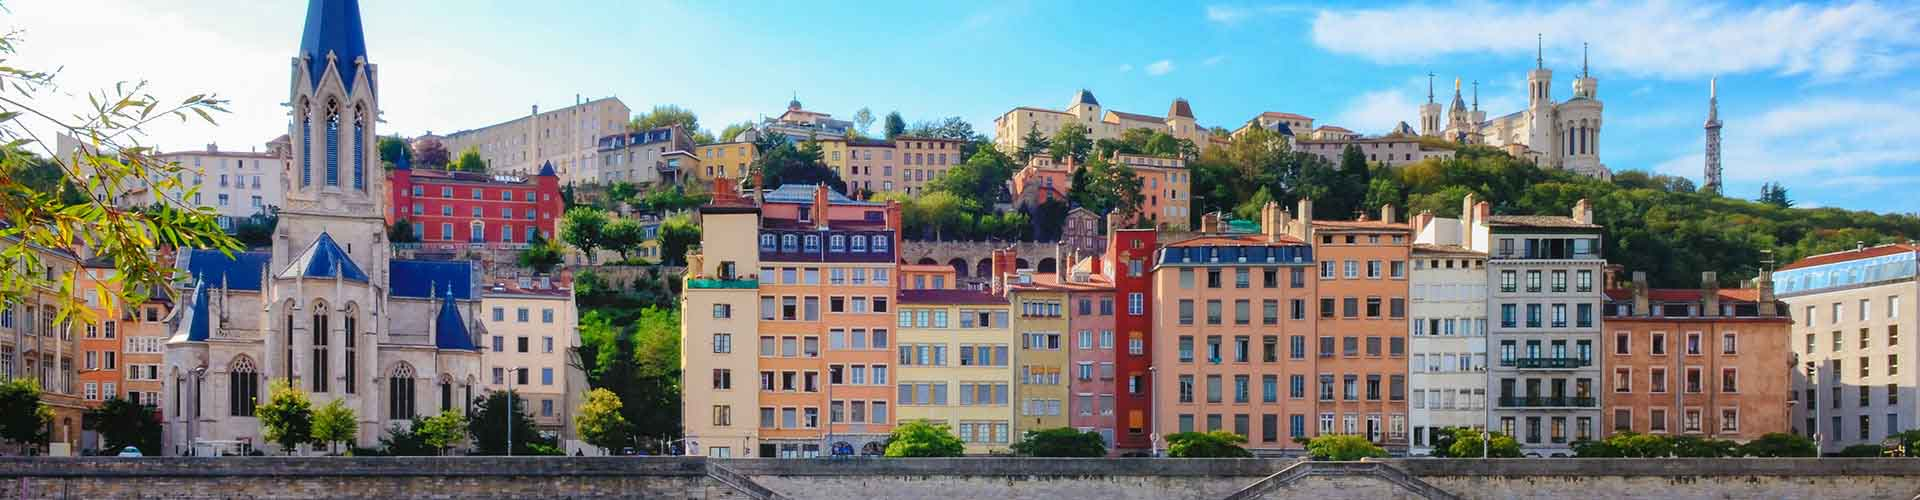 Lyon - Habitaciones en Lyon. Mapas de Lyon, Fotos y comentarios de cada Habitación en Lyon.